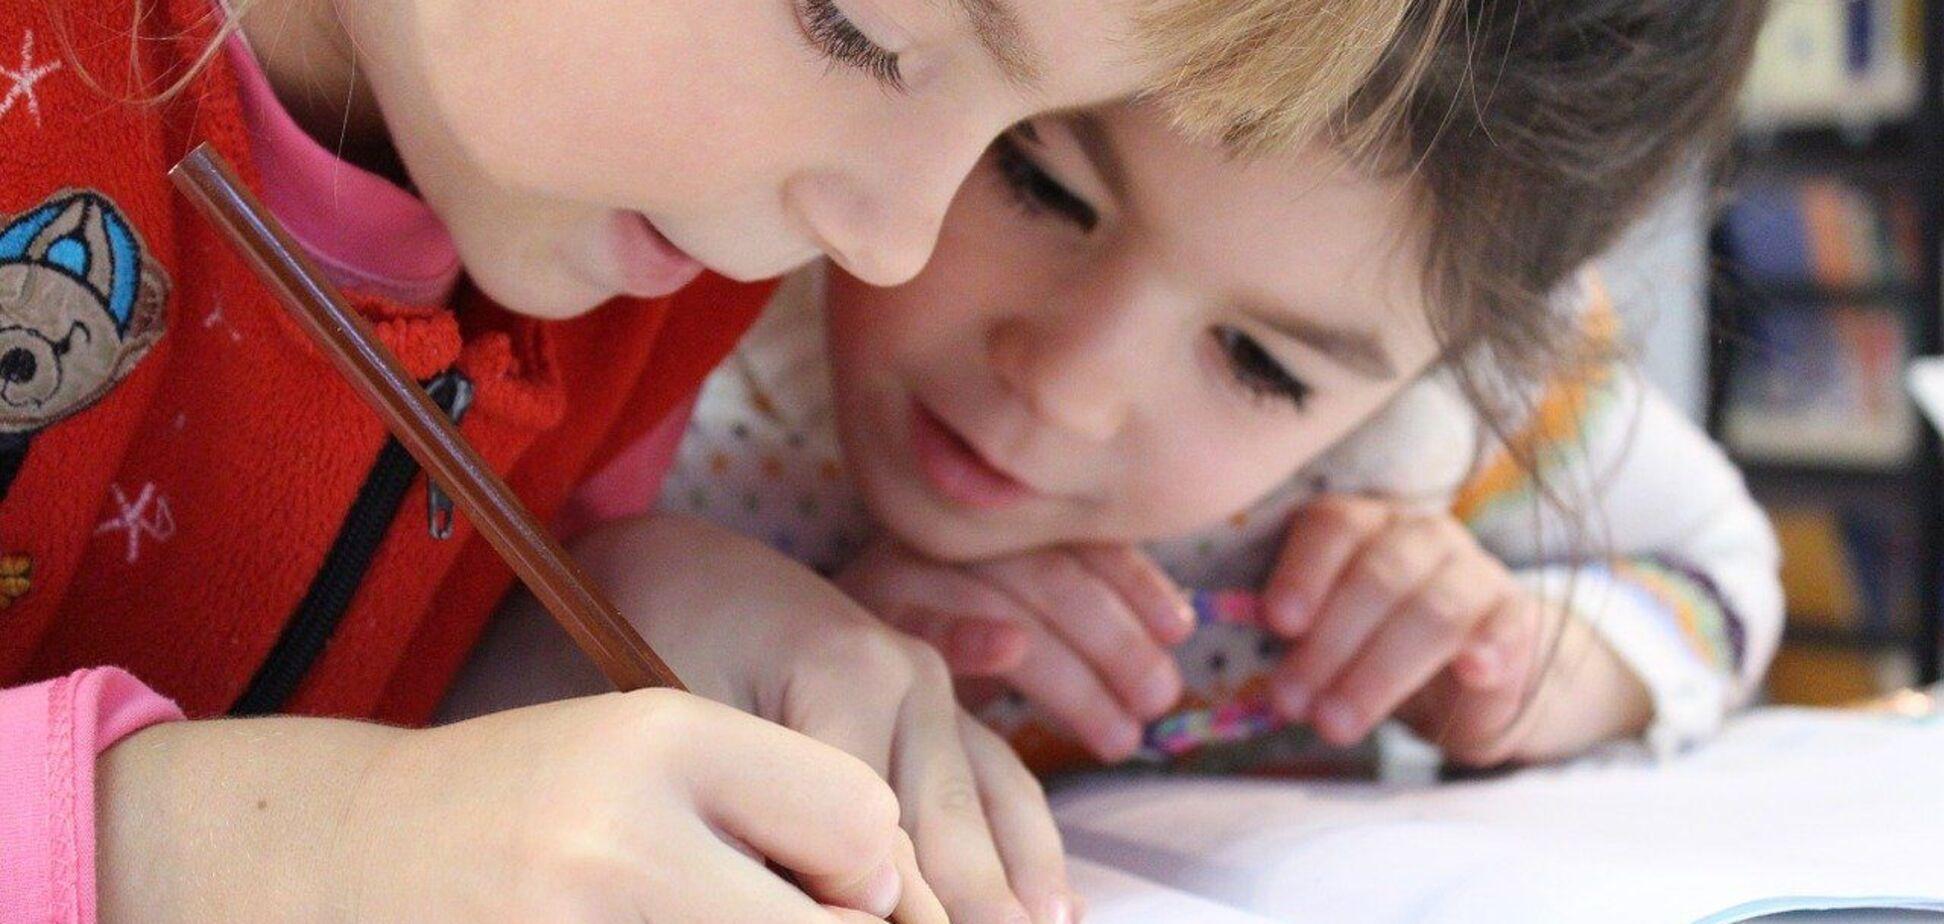 Діти висловили свої думки на папері